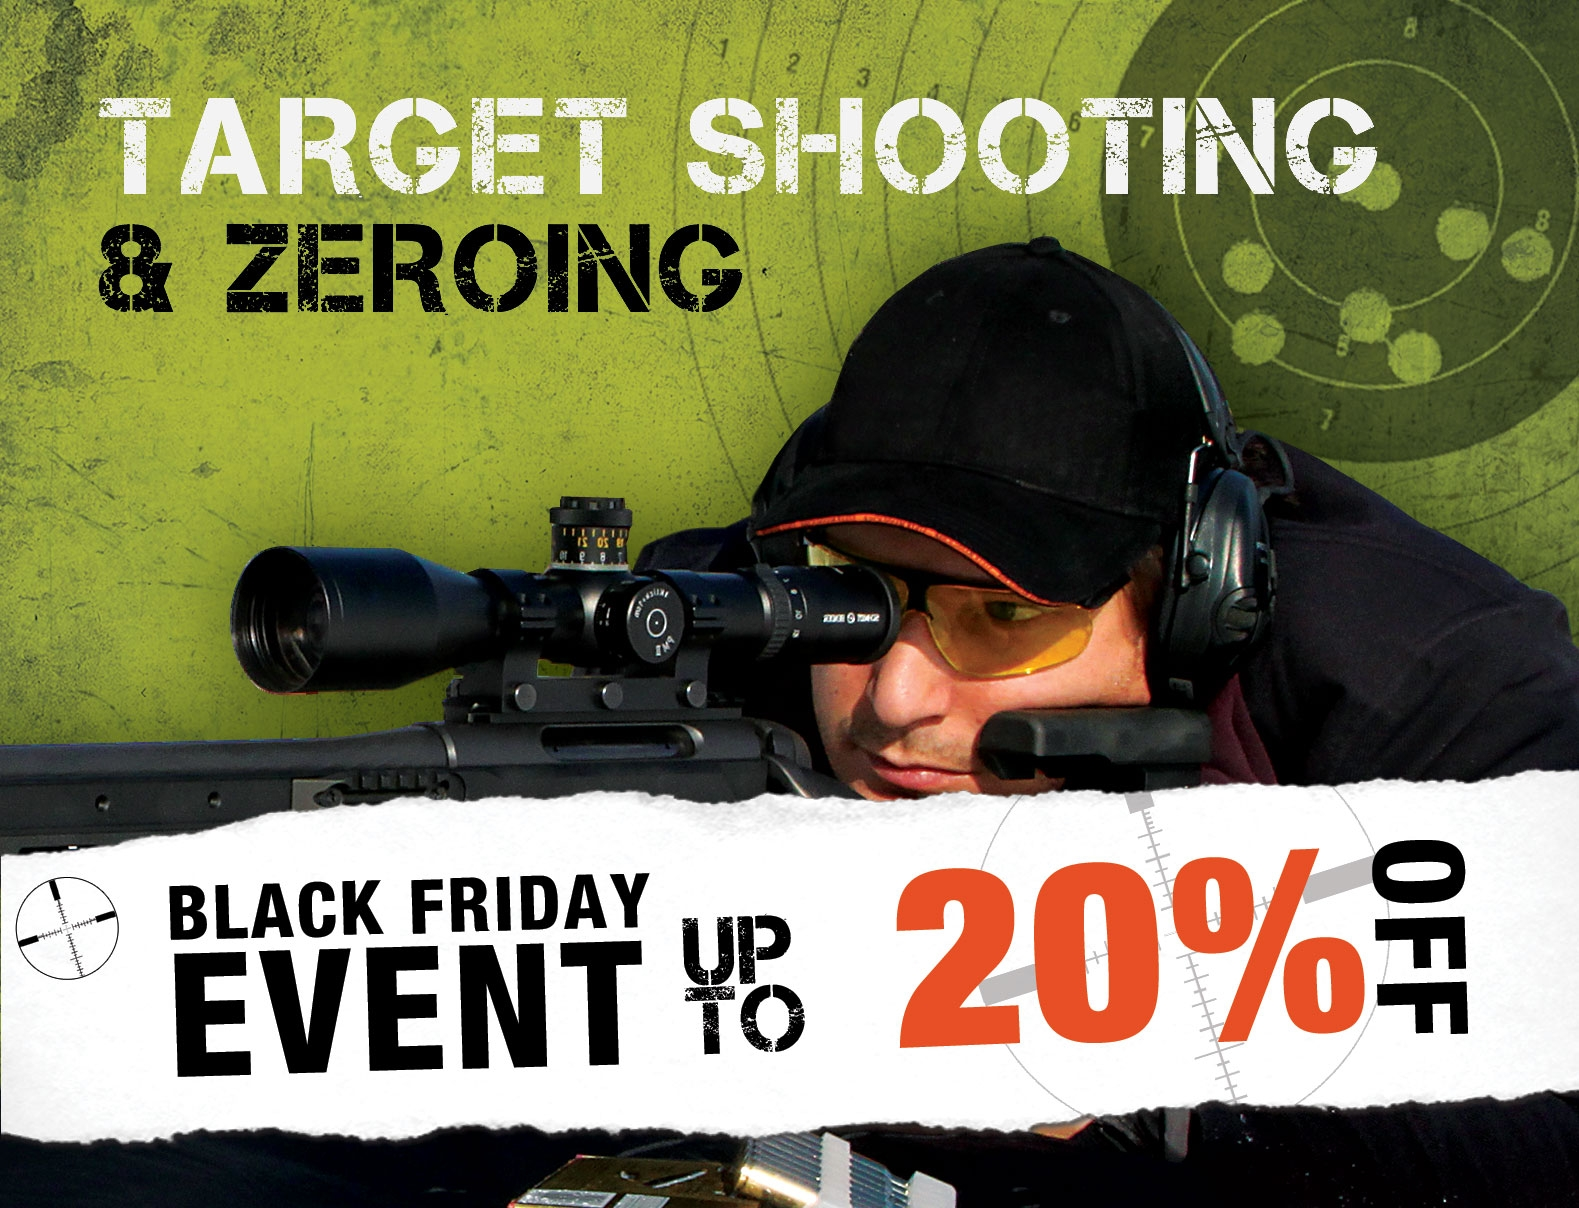 Target Shooting & Zeroing